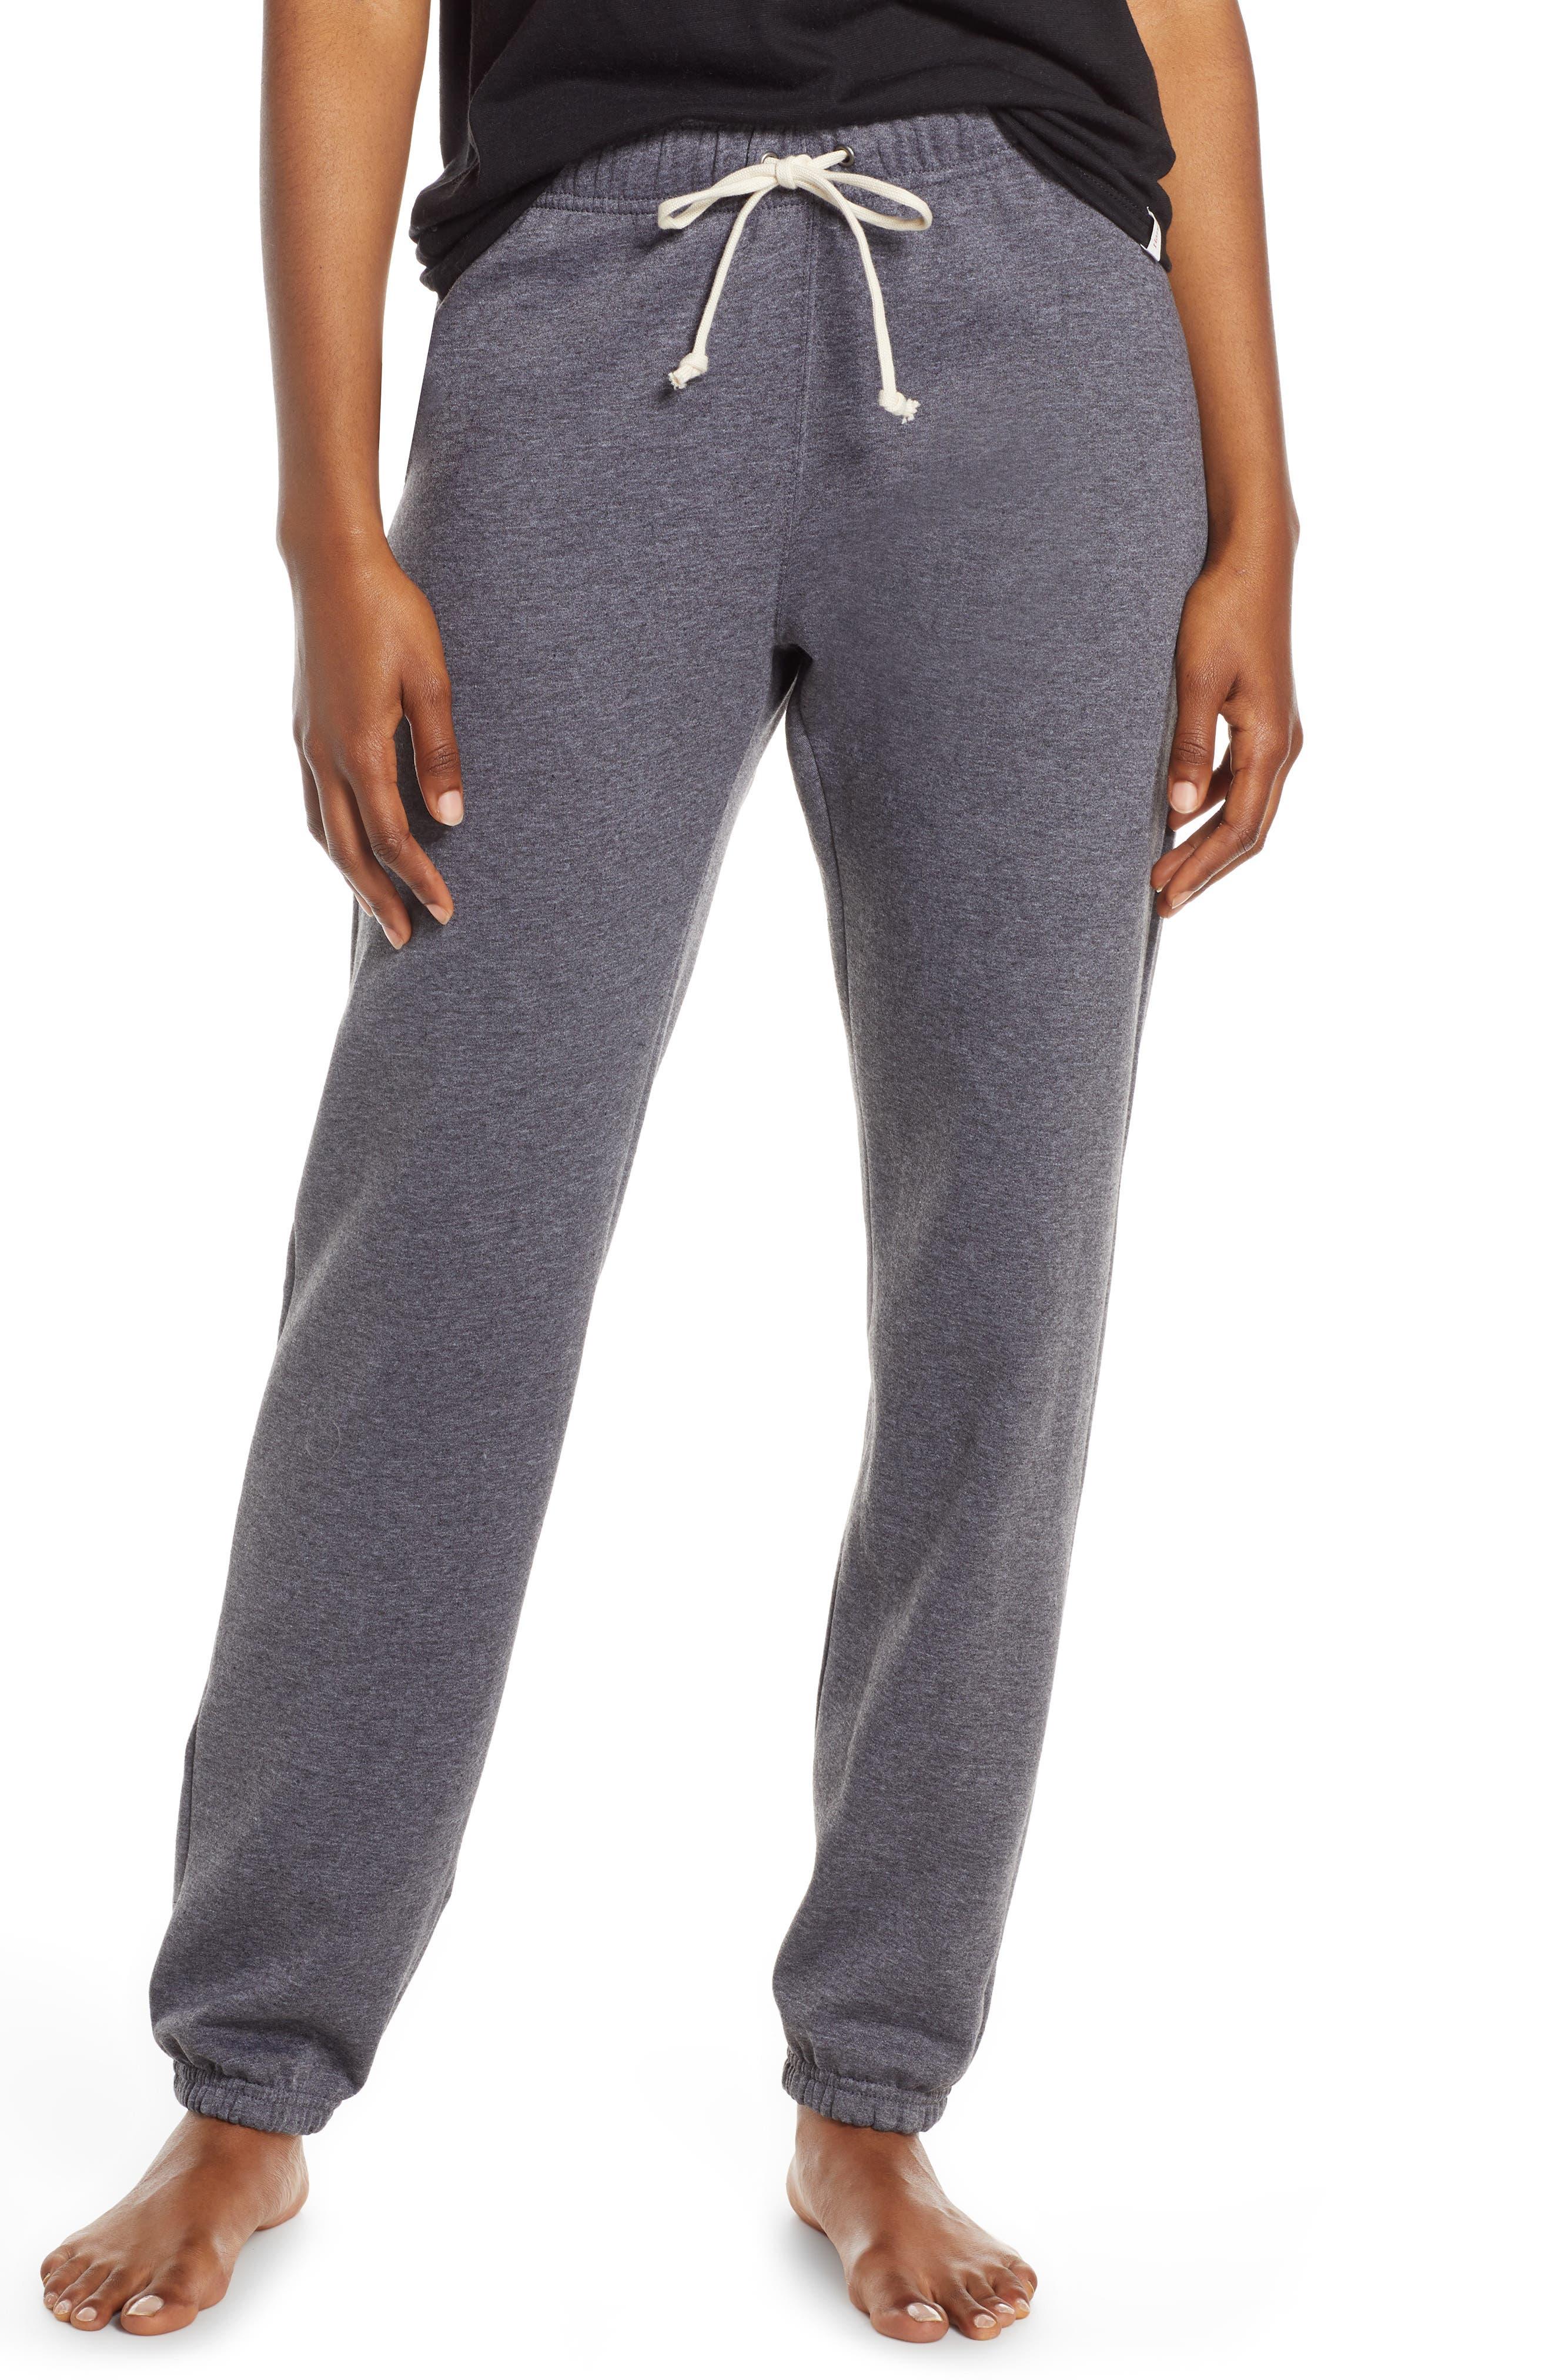 Hanes Luxe Fleece Sweatpants, Grey